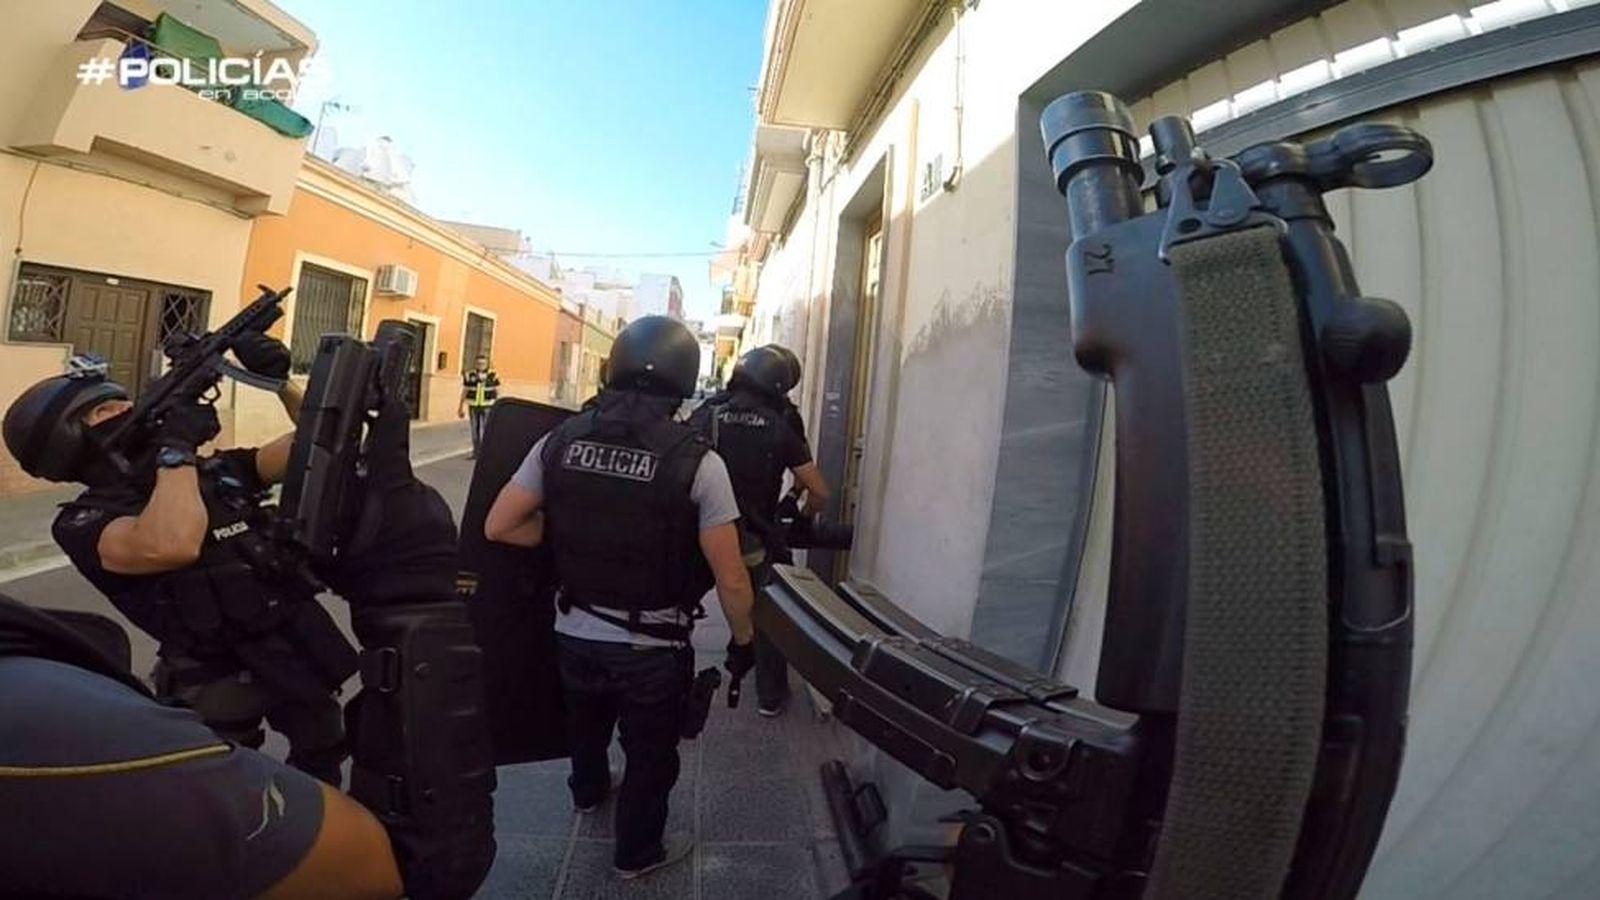 091: Alerta Policía 3x11 Español Disponible